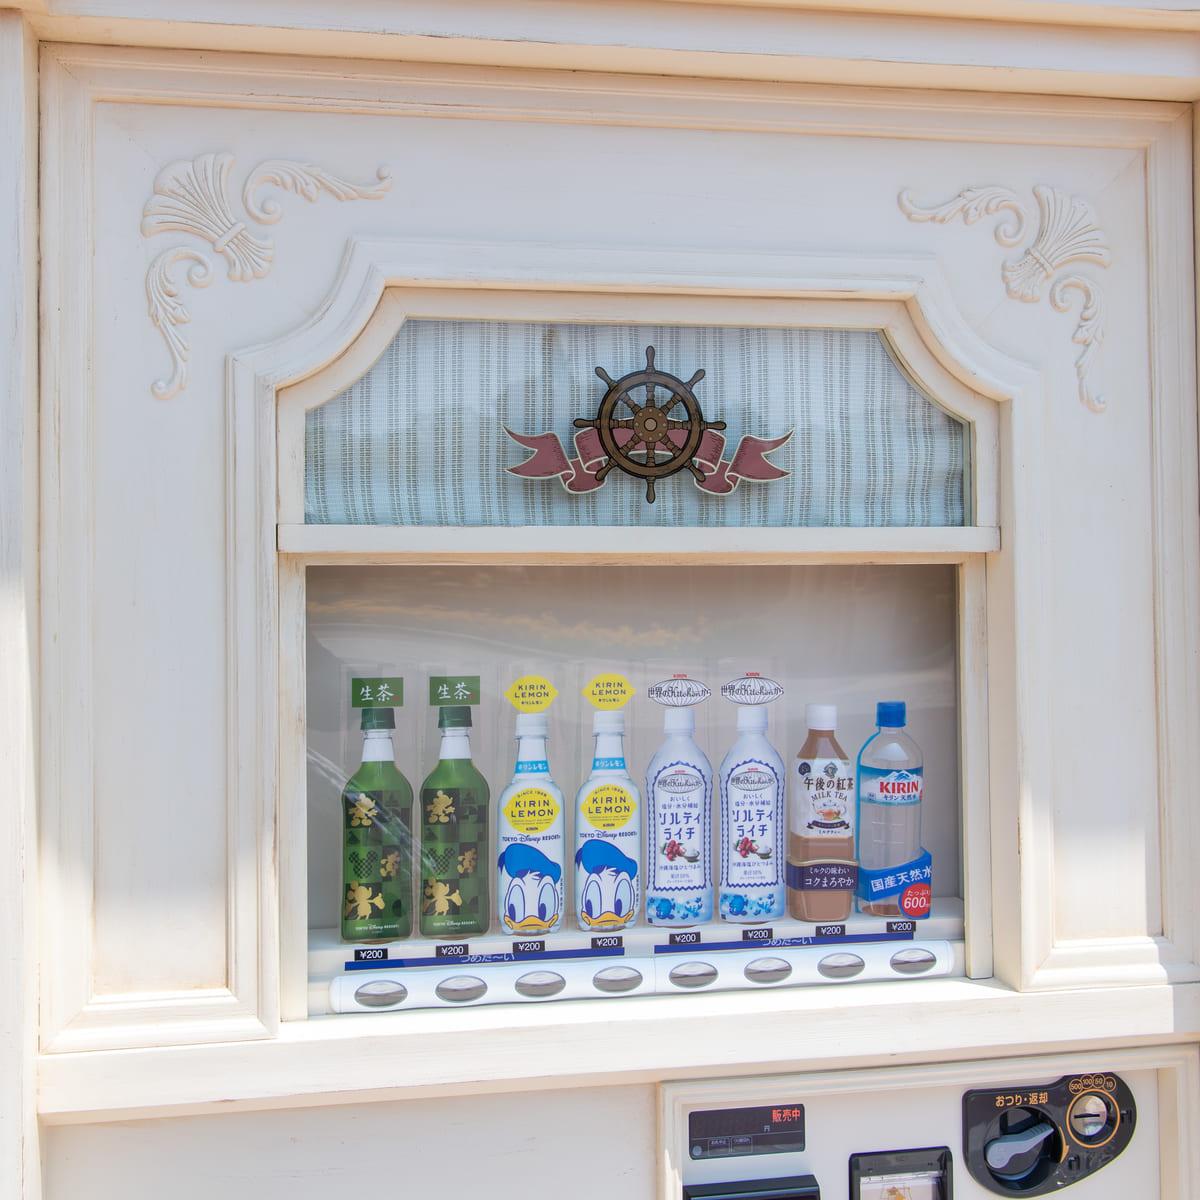 東京ディズニーランド/ウエスタンランド自動販売機(蒸気船マークトウェイン号前) ペットボトル飲料